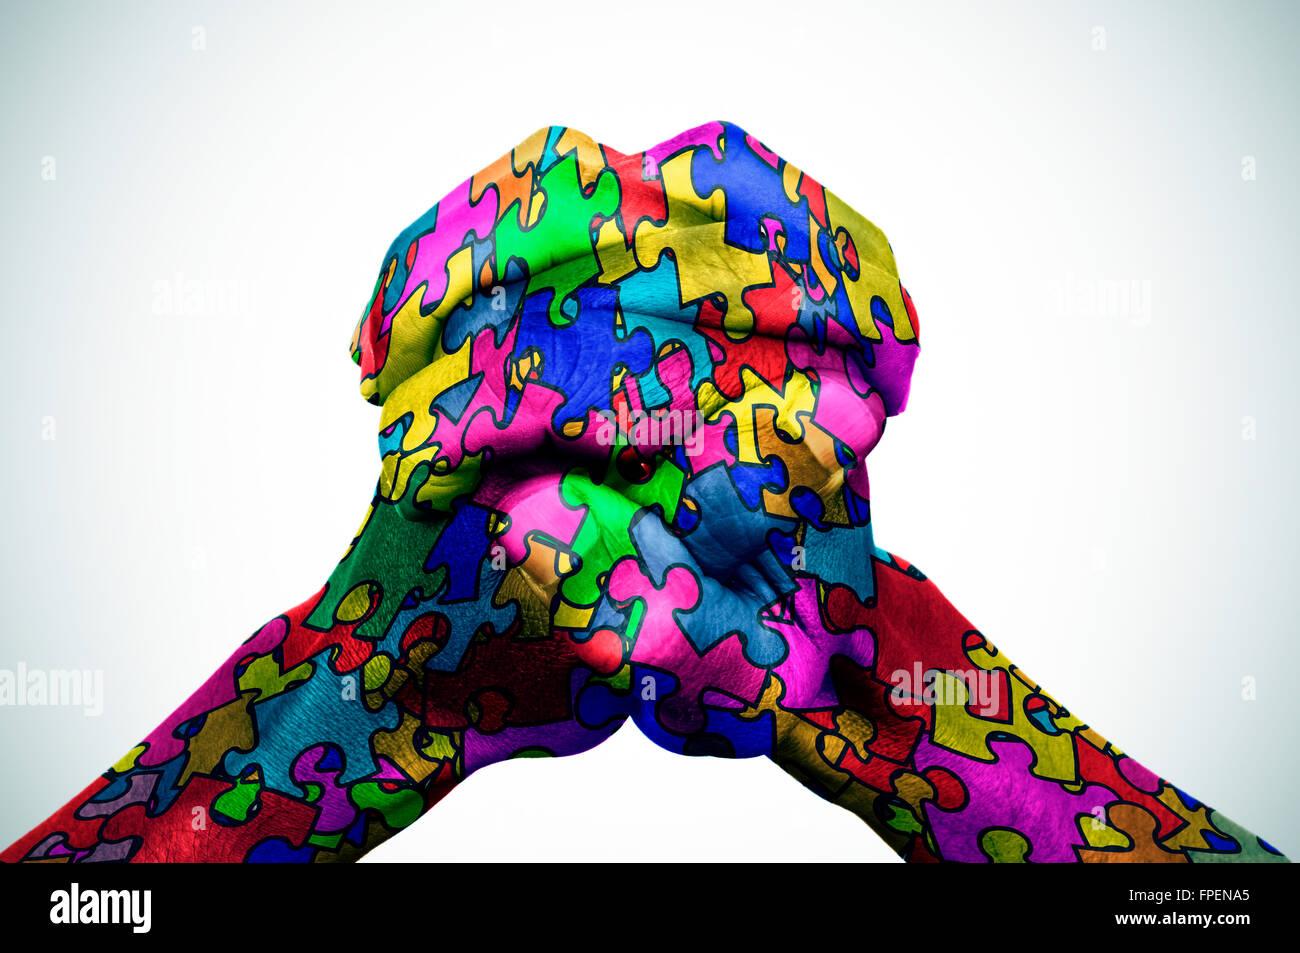 Hände des Mannes zusammen mit viele Puzzle-Teile in verschiedenen Farben, Symbol des Autismus, mit einem leichten Stockfoto